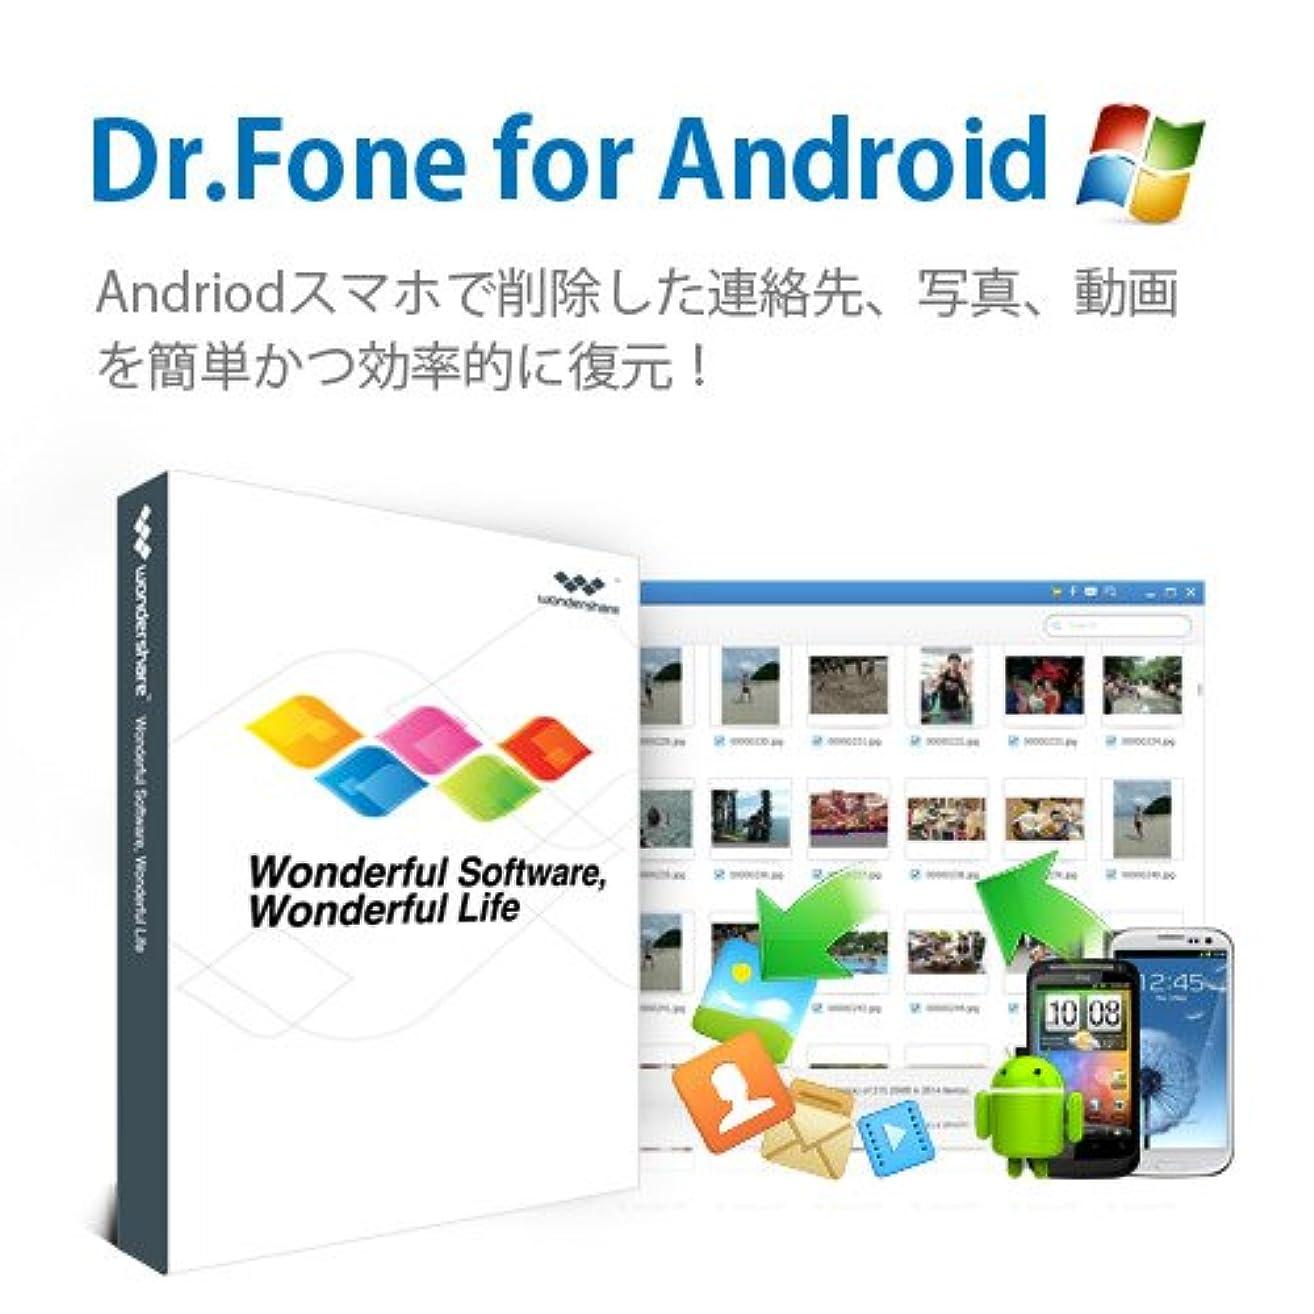 ねばねば資金北東Wondershare Dr.Fone for Android(Win版) Androidスマートフォン データ 復元 ソフト スマホ sdカード メッセージ 連絡先 写真 復元|ワンダーシェアー